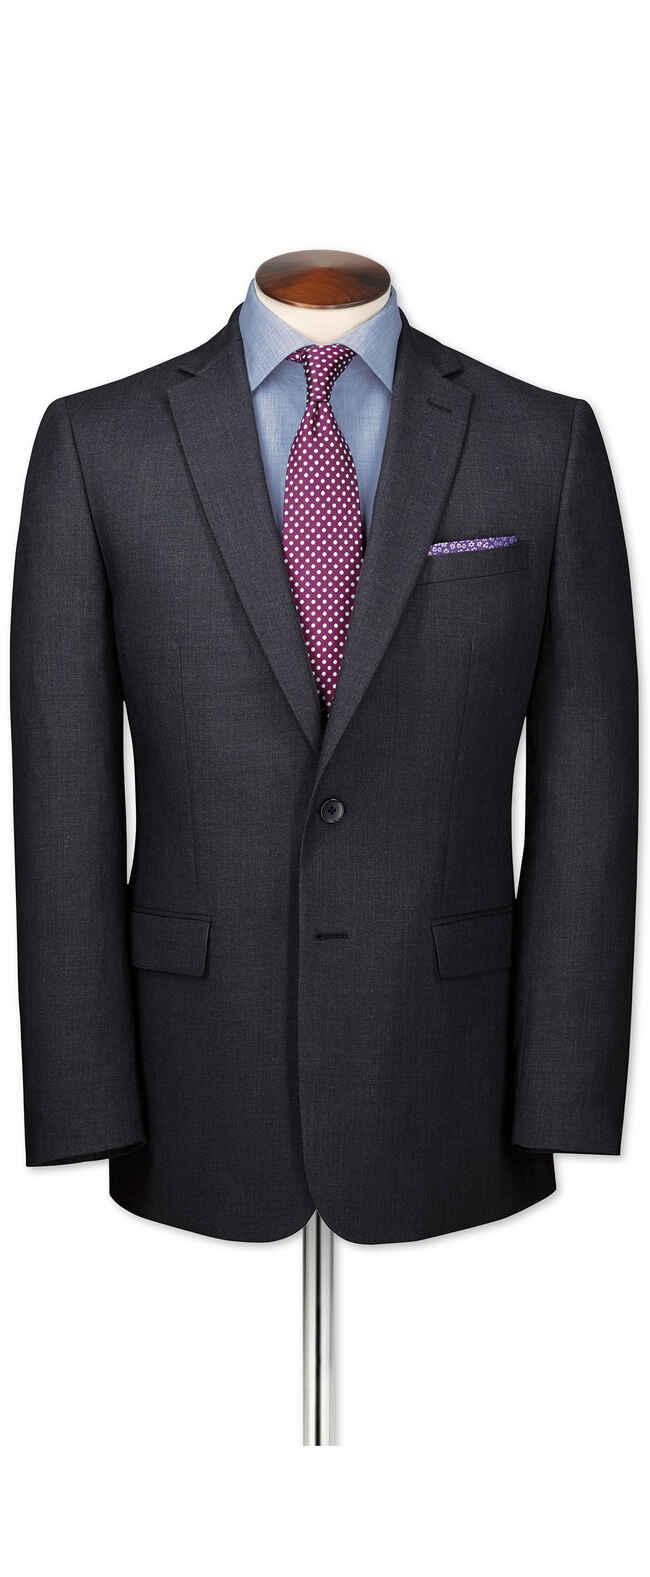 Charcoal slim fit business suit